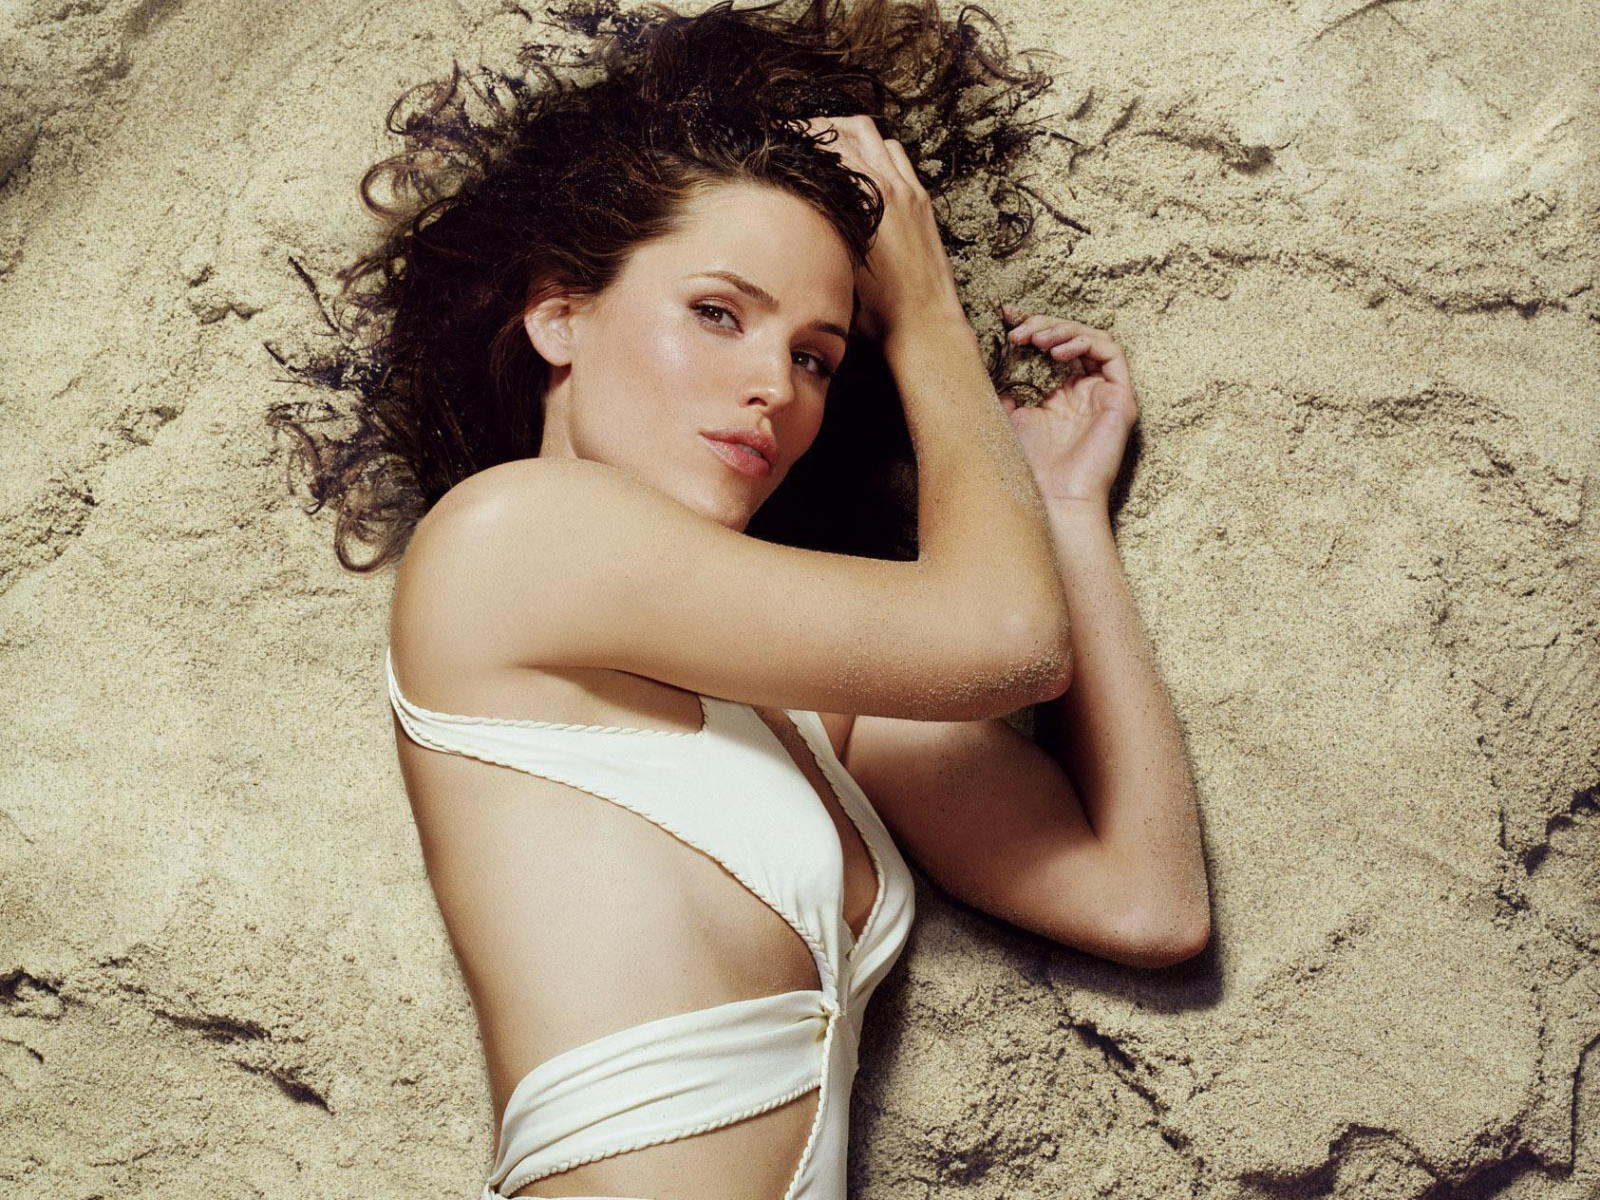 http://2.bp.blogspot.com/-InqcWr5UUIE/TcWjsdpdpyI/AAAAAAAAAB0/_PKkgI-JaFU/s1600/Jennifer_Garner.jpg